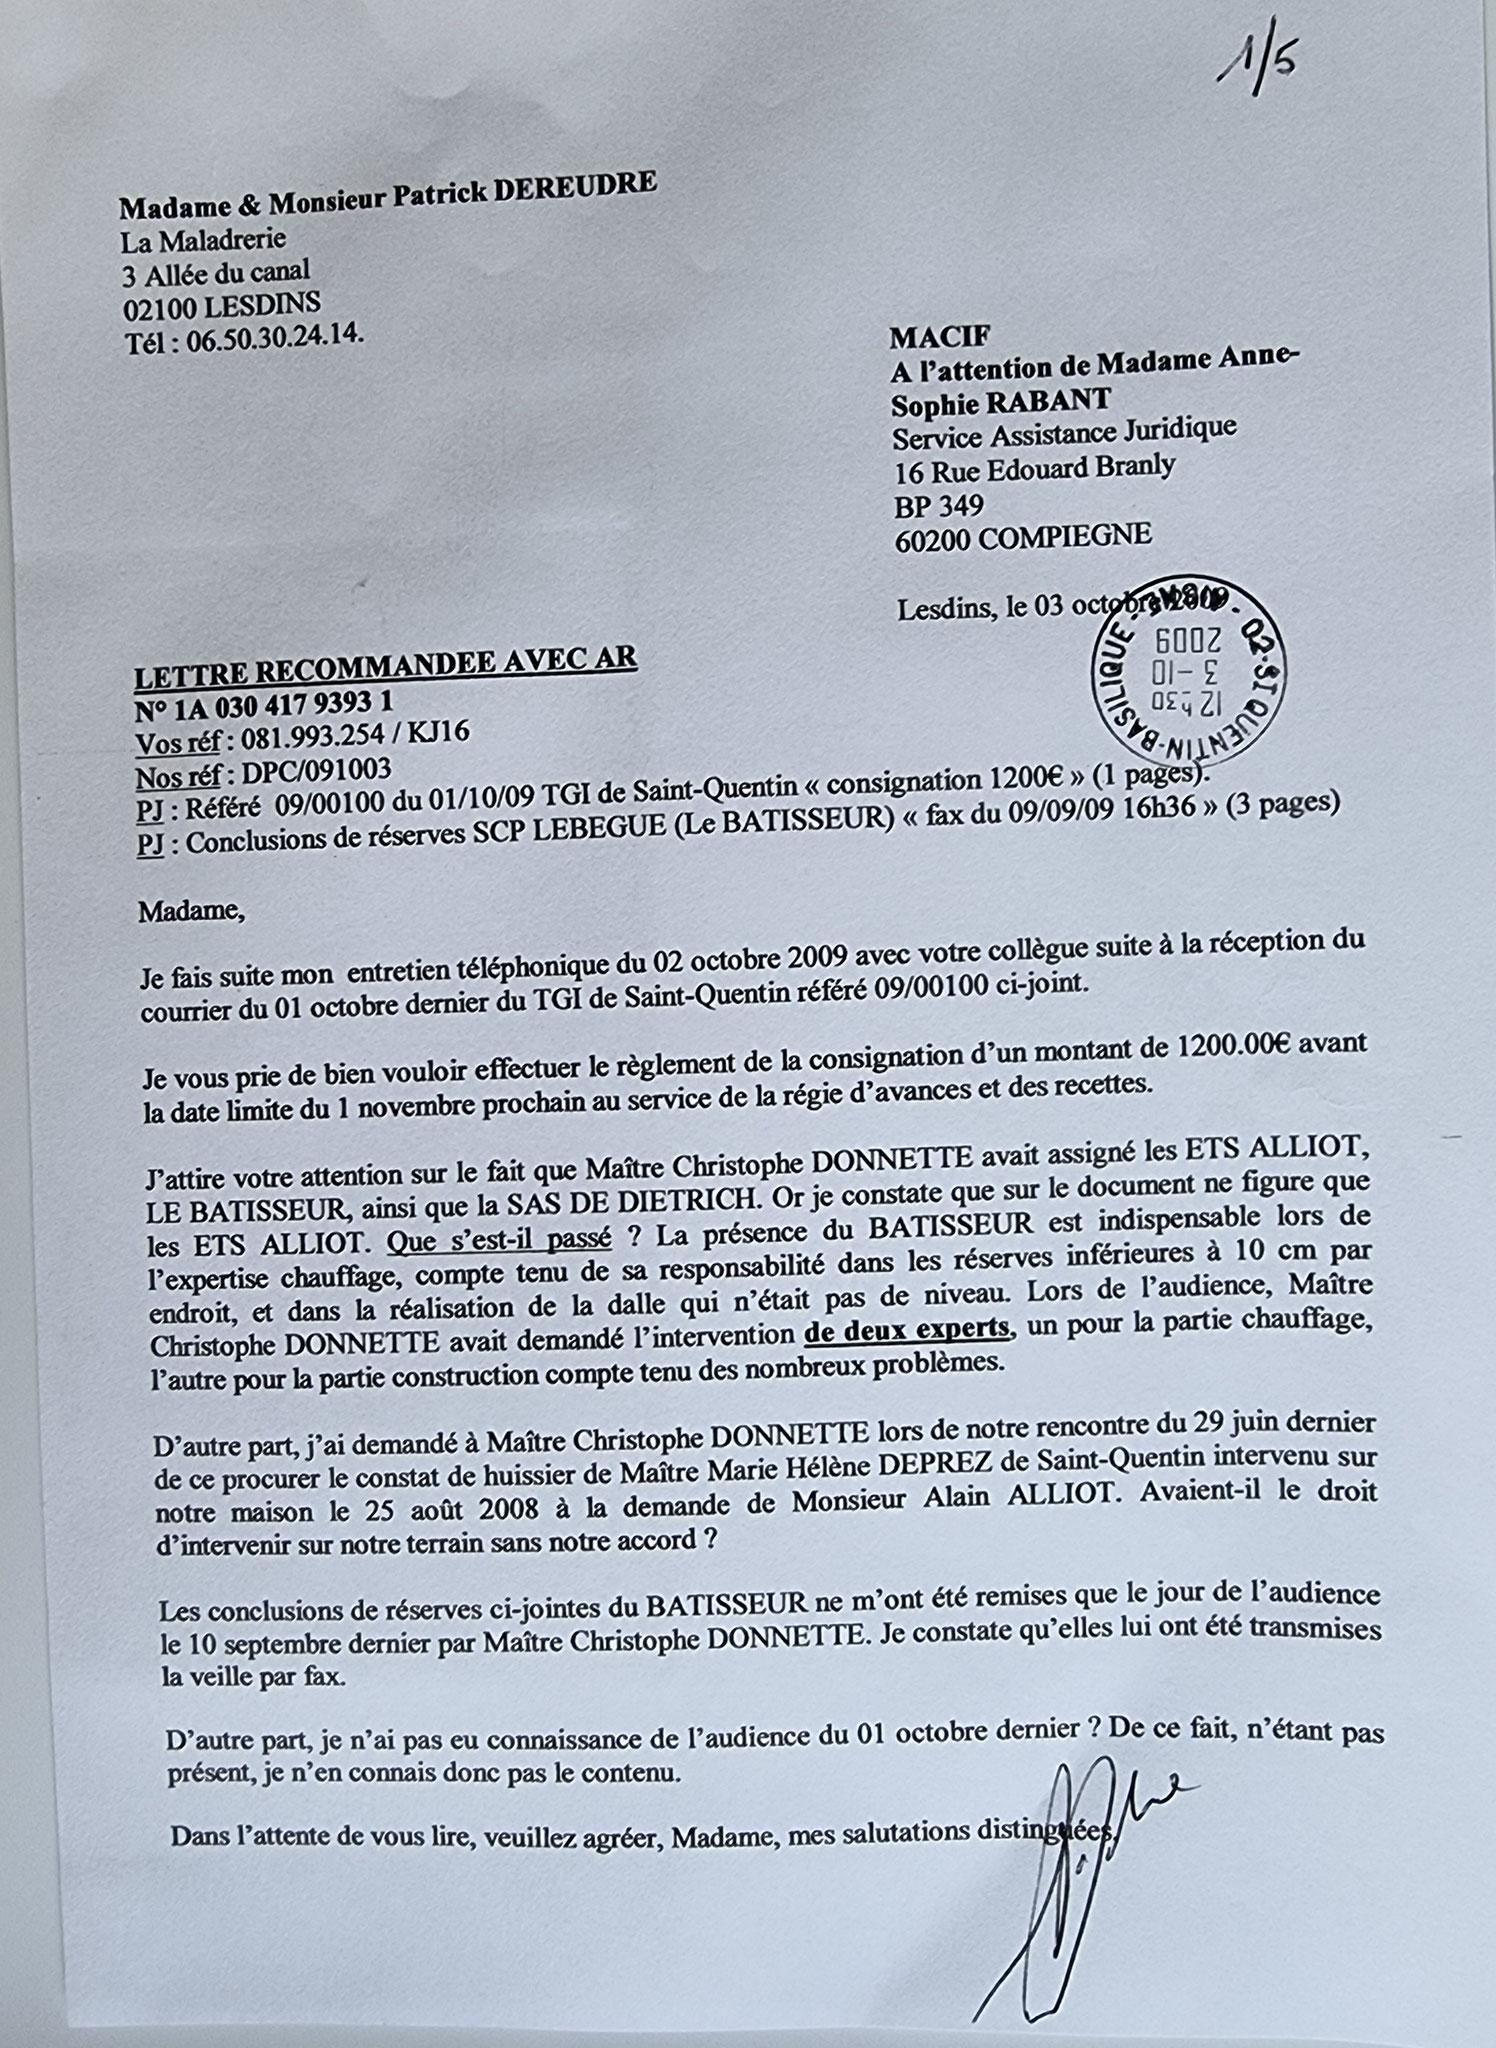 Le 03 Octobre 2009 j'adresse une LRAR à la MACIF.     INACCEPTABLE  BORDERLINE      EXPERTISES JUDICIAIRES ENTRE COPAINS... www.jesuispatrick.fr www.jesuisvictime.fr